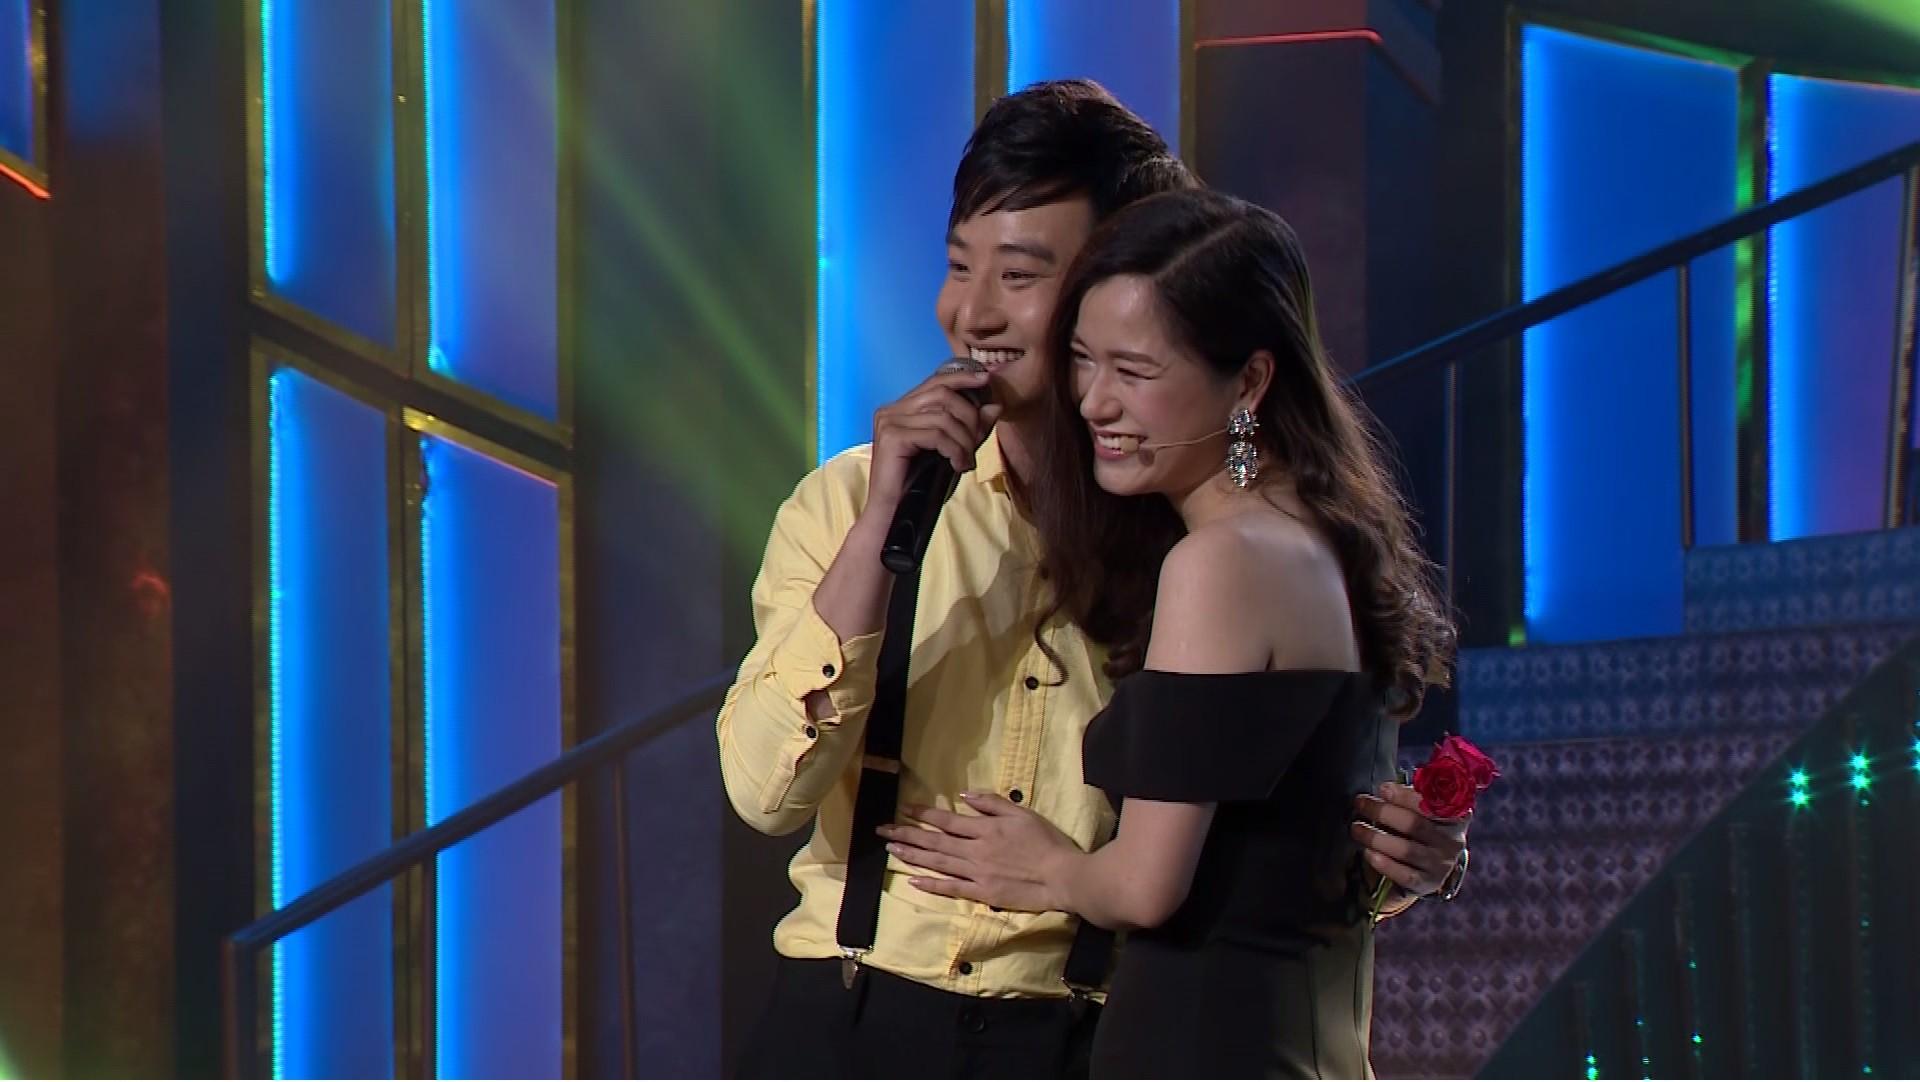 Hết bị Trấn Thành cấm lên show, Hari Won lại nổi điên khi liên tục nghe tên Mai Hồ - Ảnh 7.